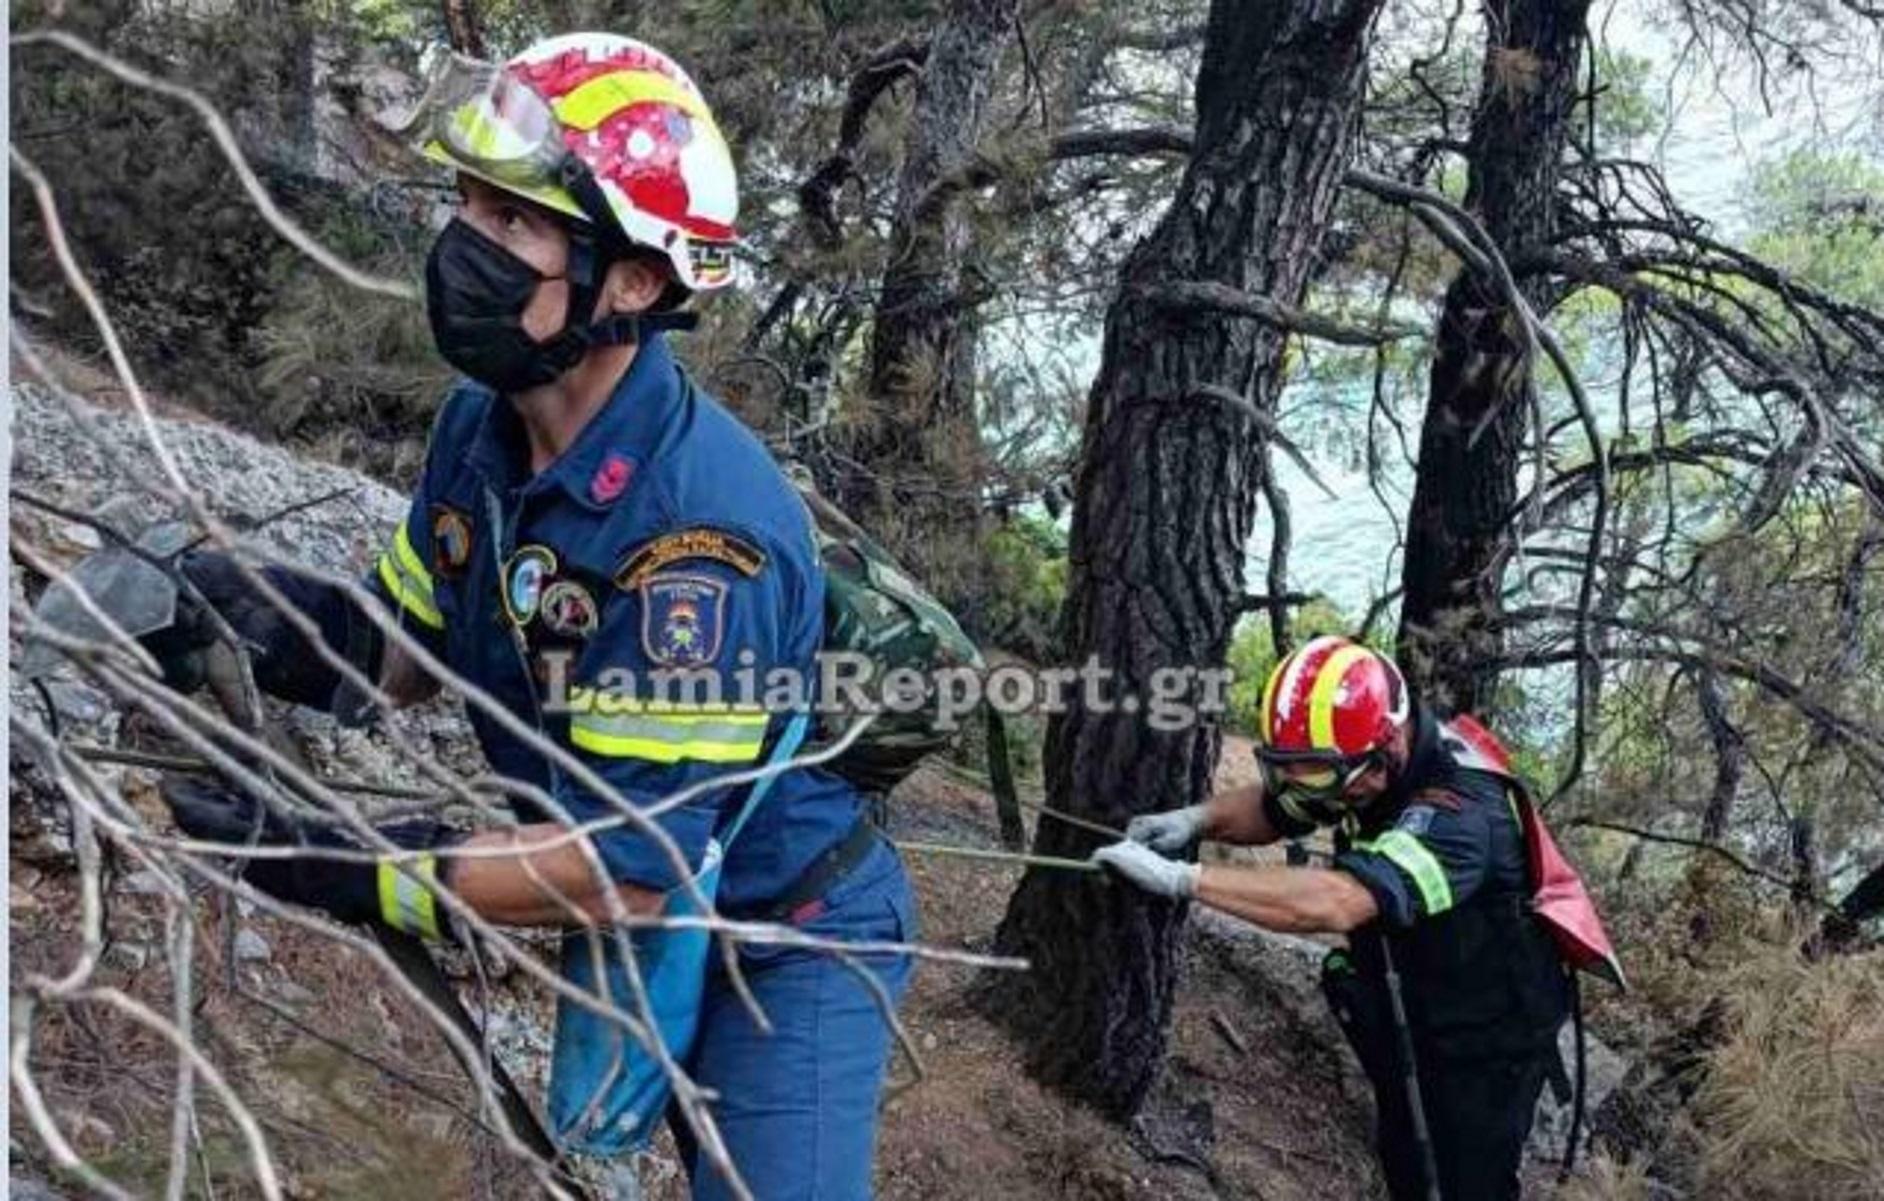 Φωτιά στην Εύβοια: Η ριψοκίνδυνη πορεία των «κομάντος» πυροσβεστών